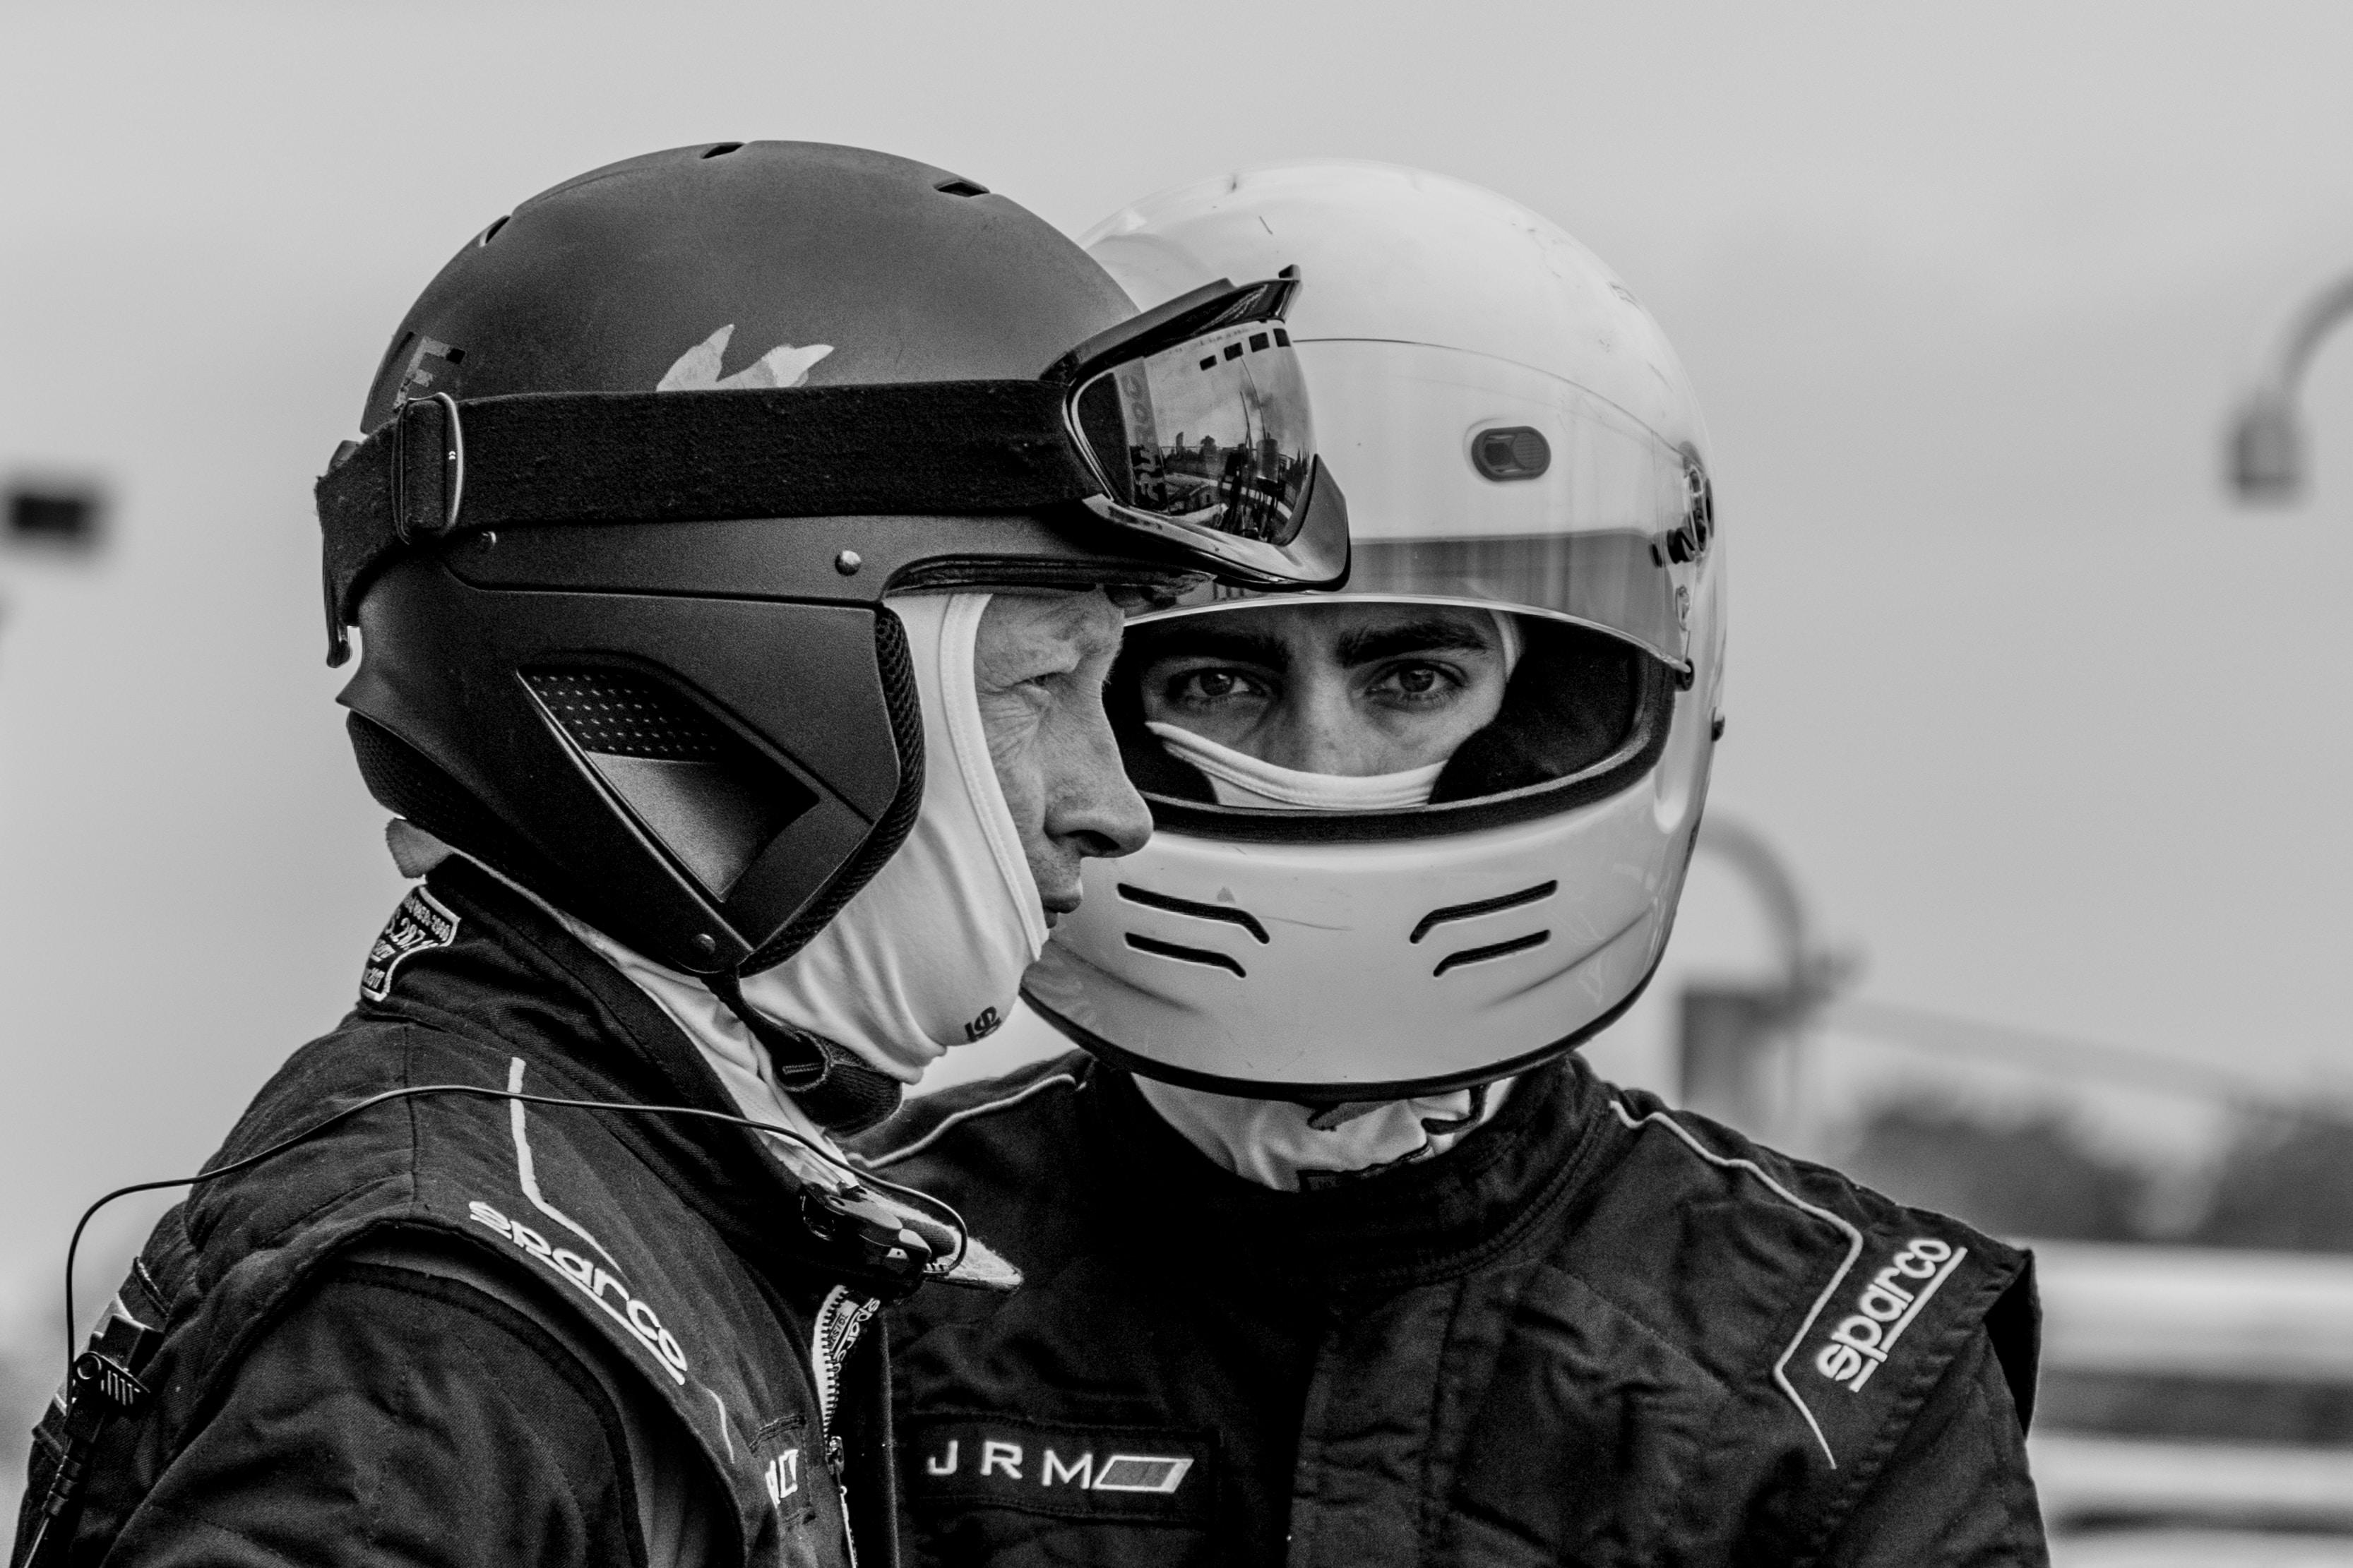 two man wearing helmets